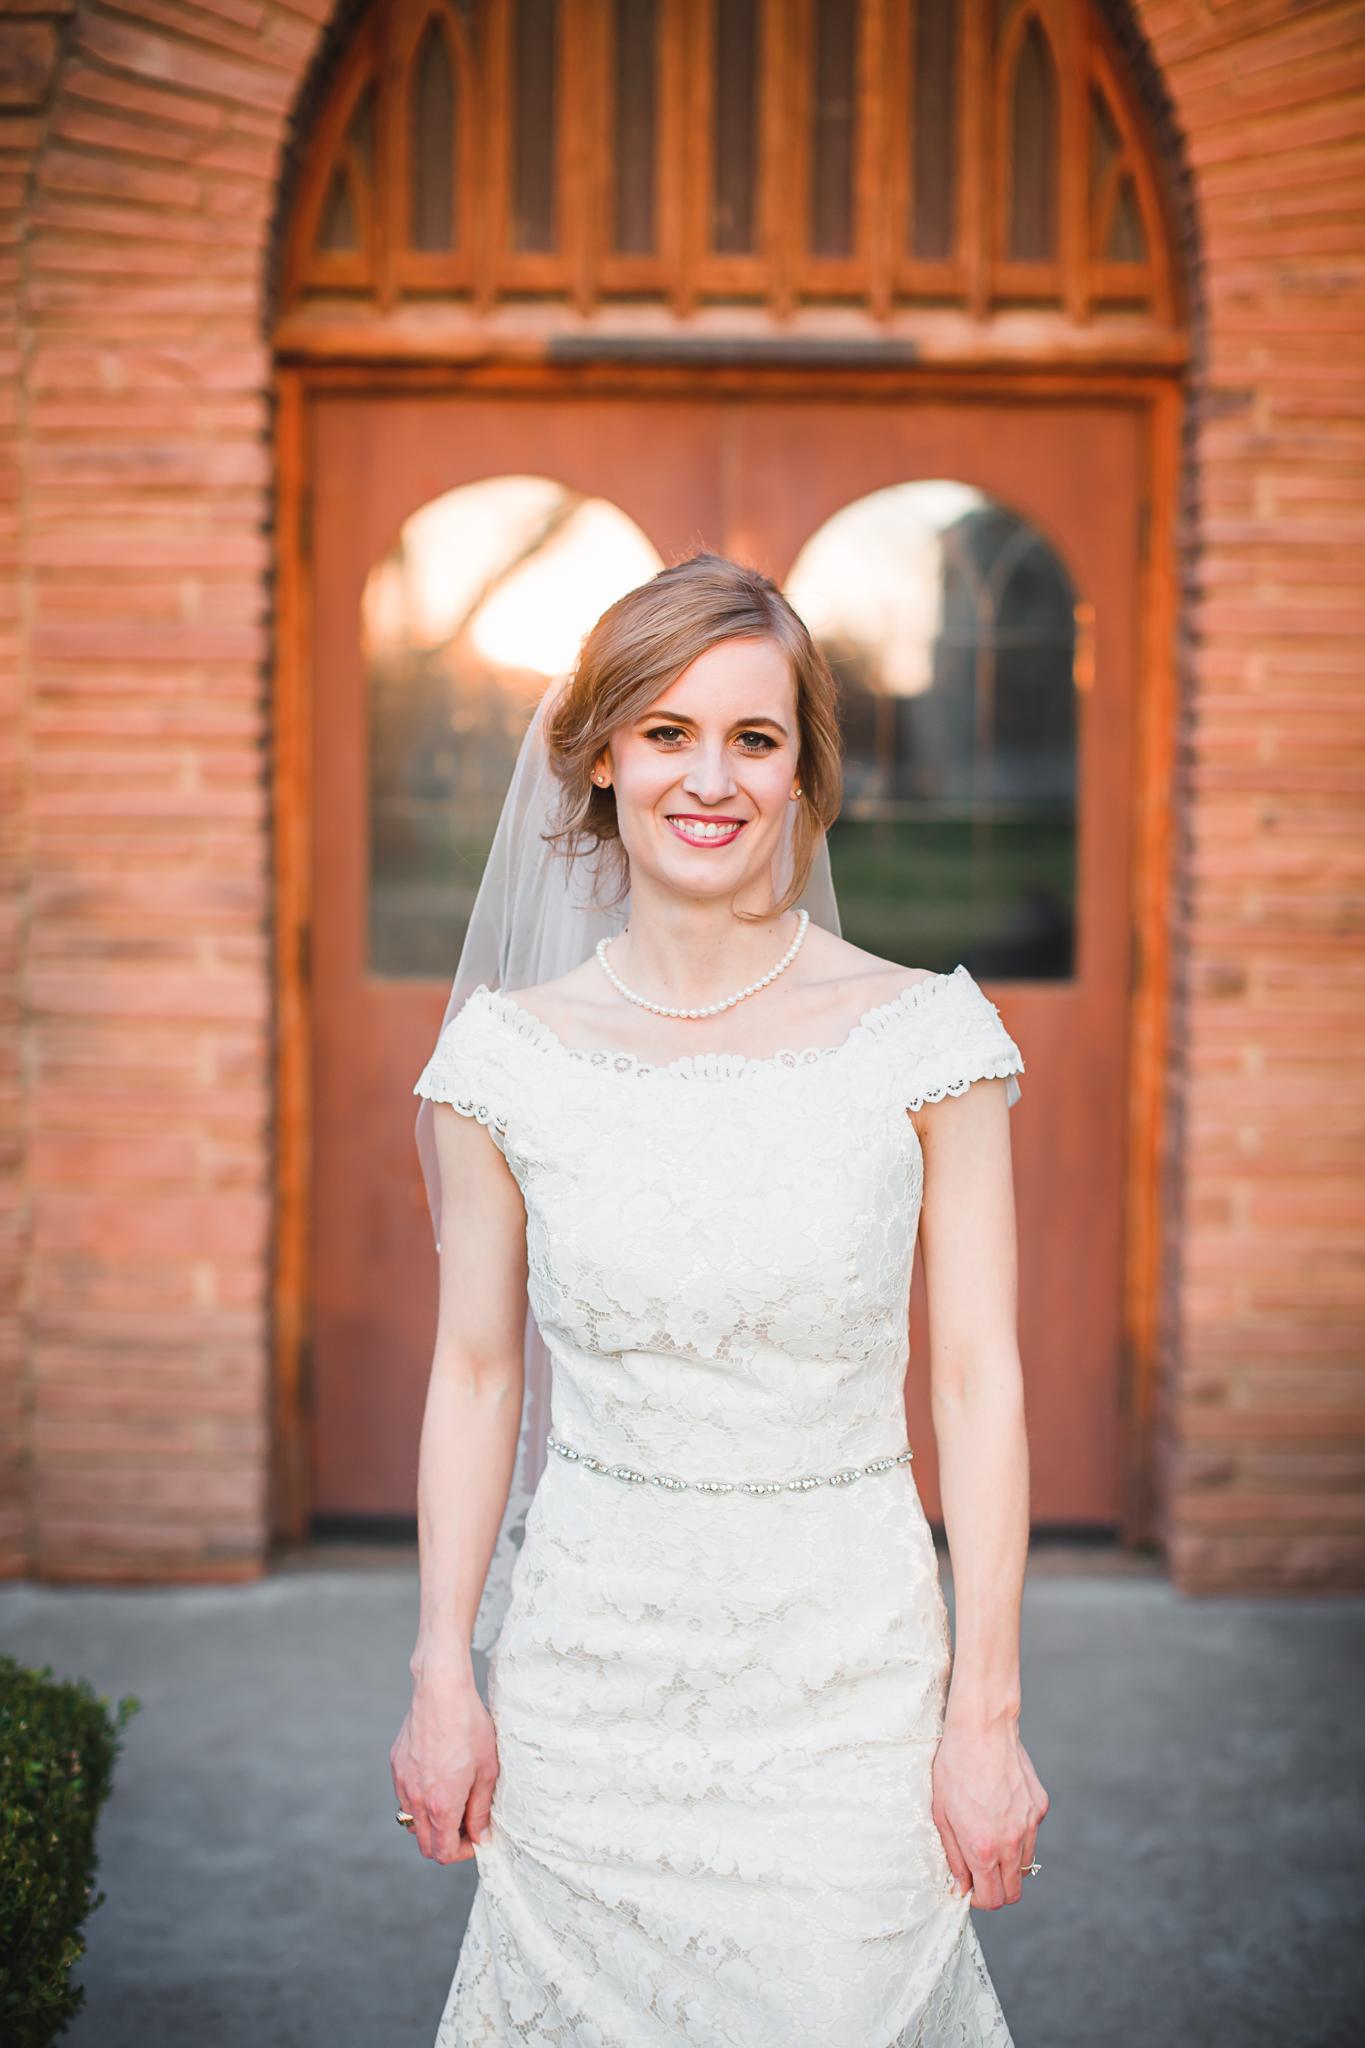 alyssa bridal blog-26.jpg